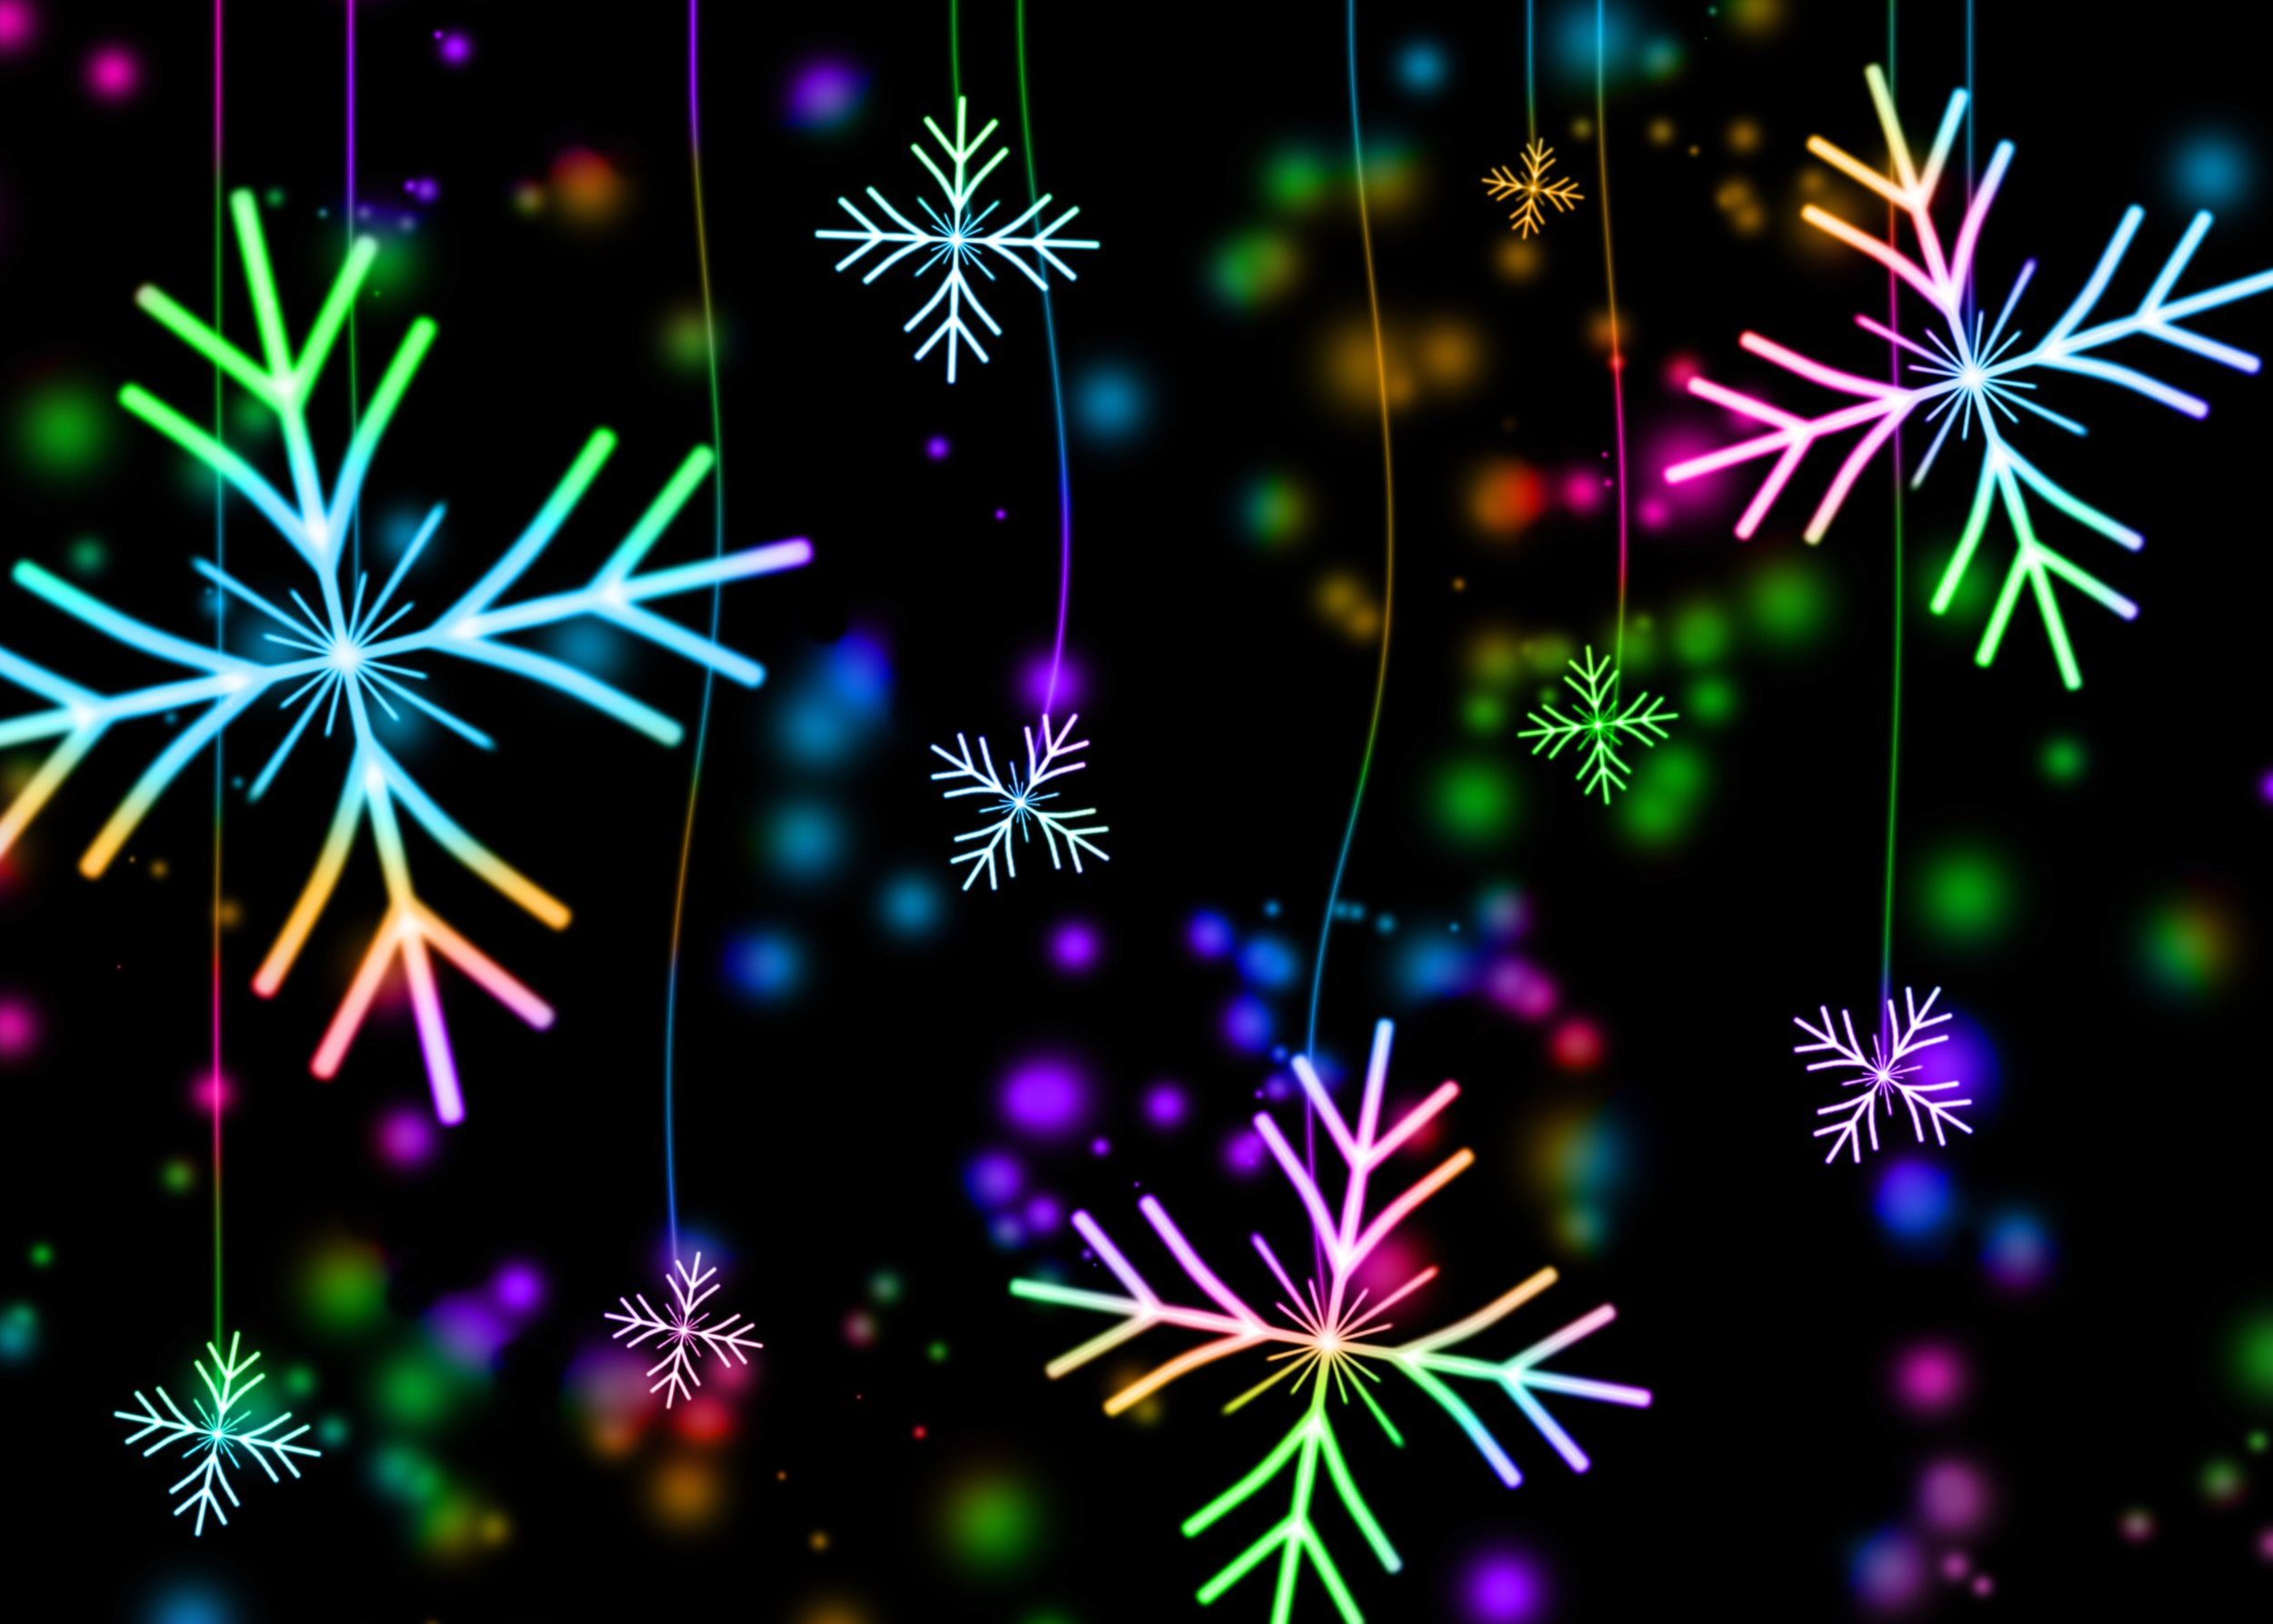 snowflakes-1014159.jpg